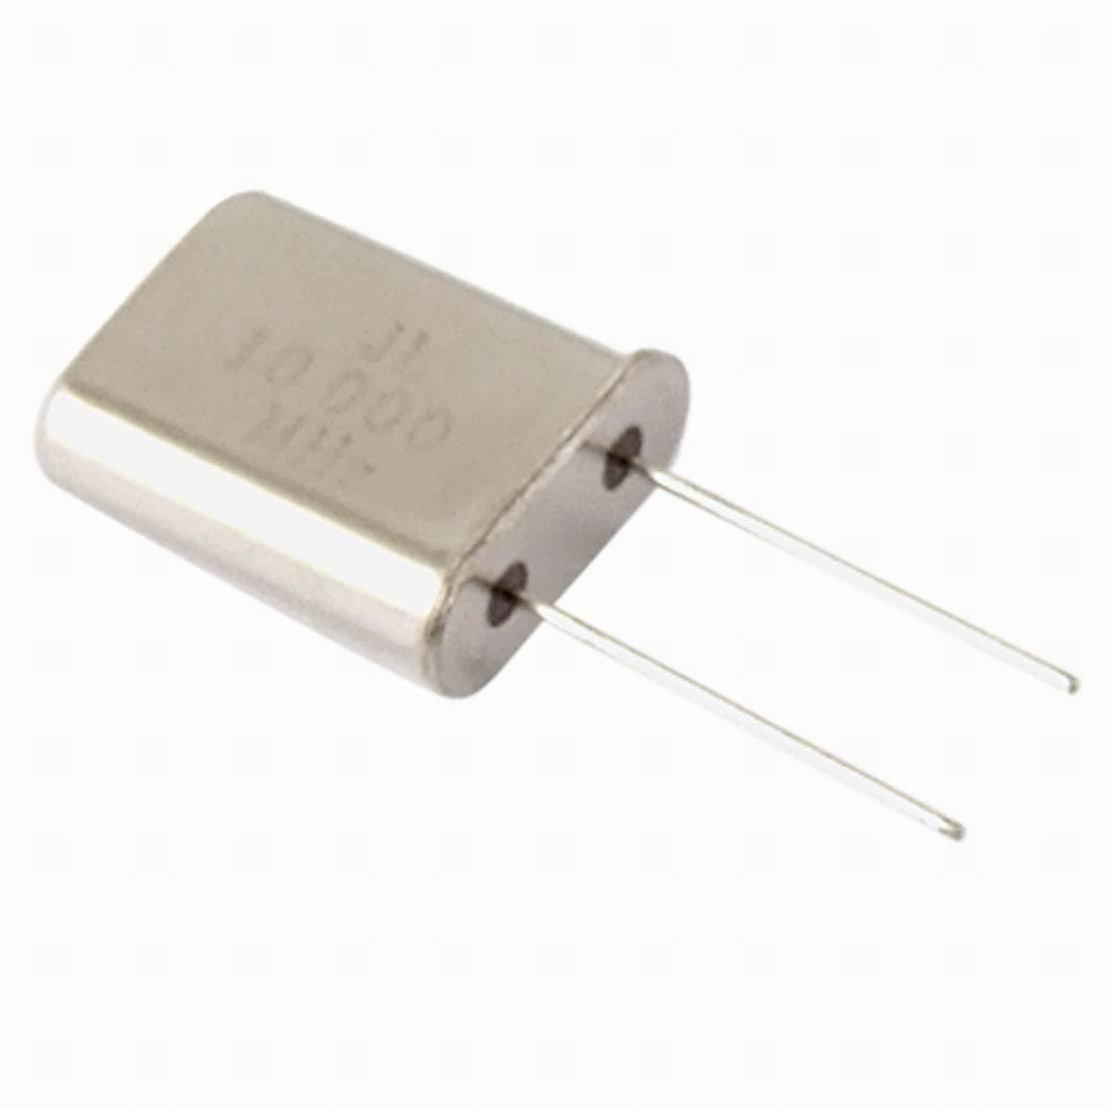 Fuxell 100 Pcs 10MHz 10.000MHz DIP Cyrstal Oscillators HC-49/U